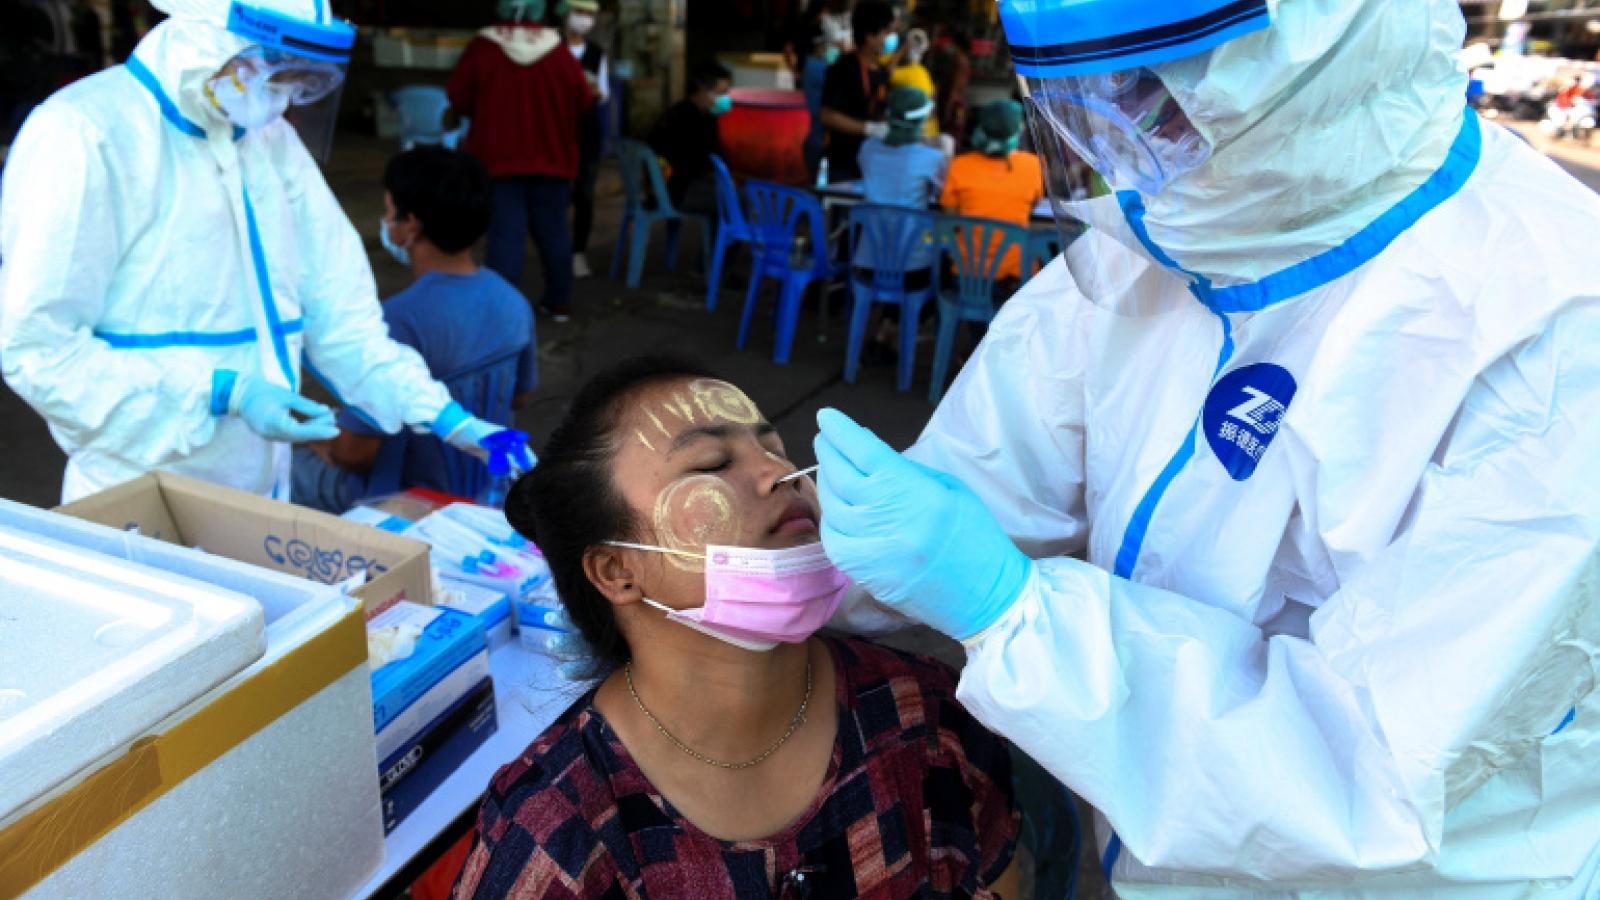 Khống chế ổ Covid-19 tại chợ hải sản: Thái Lan xét nghiệm hàng chục nghìn người